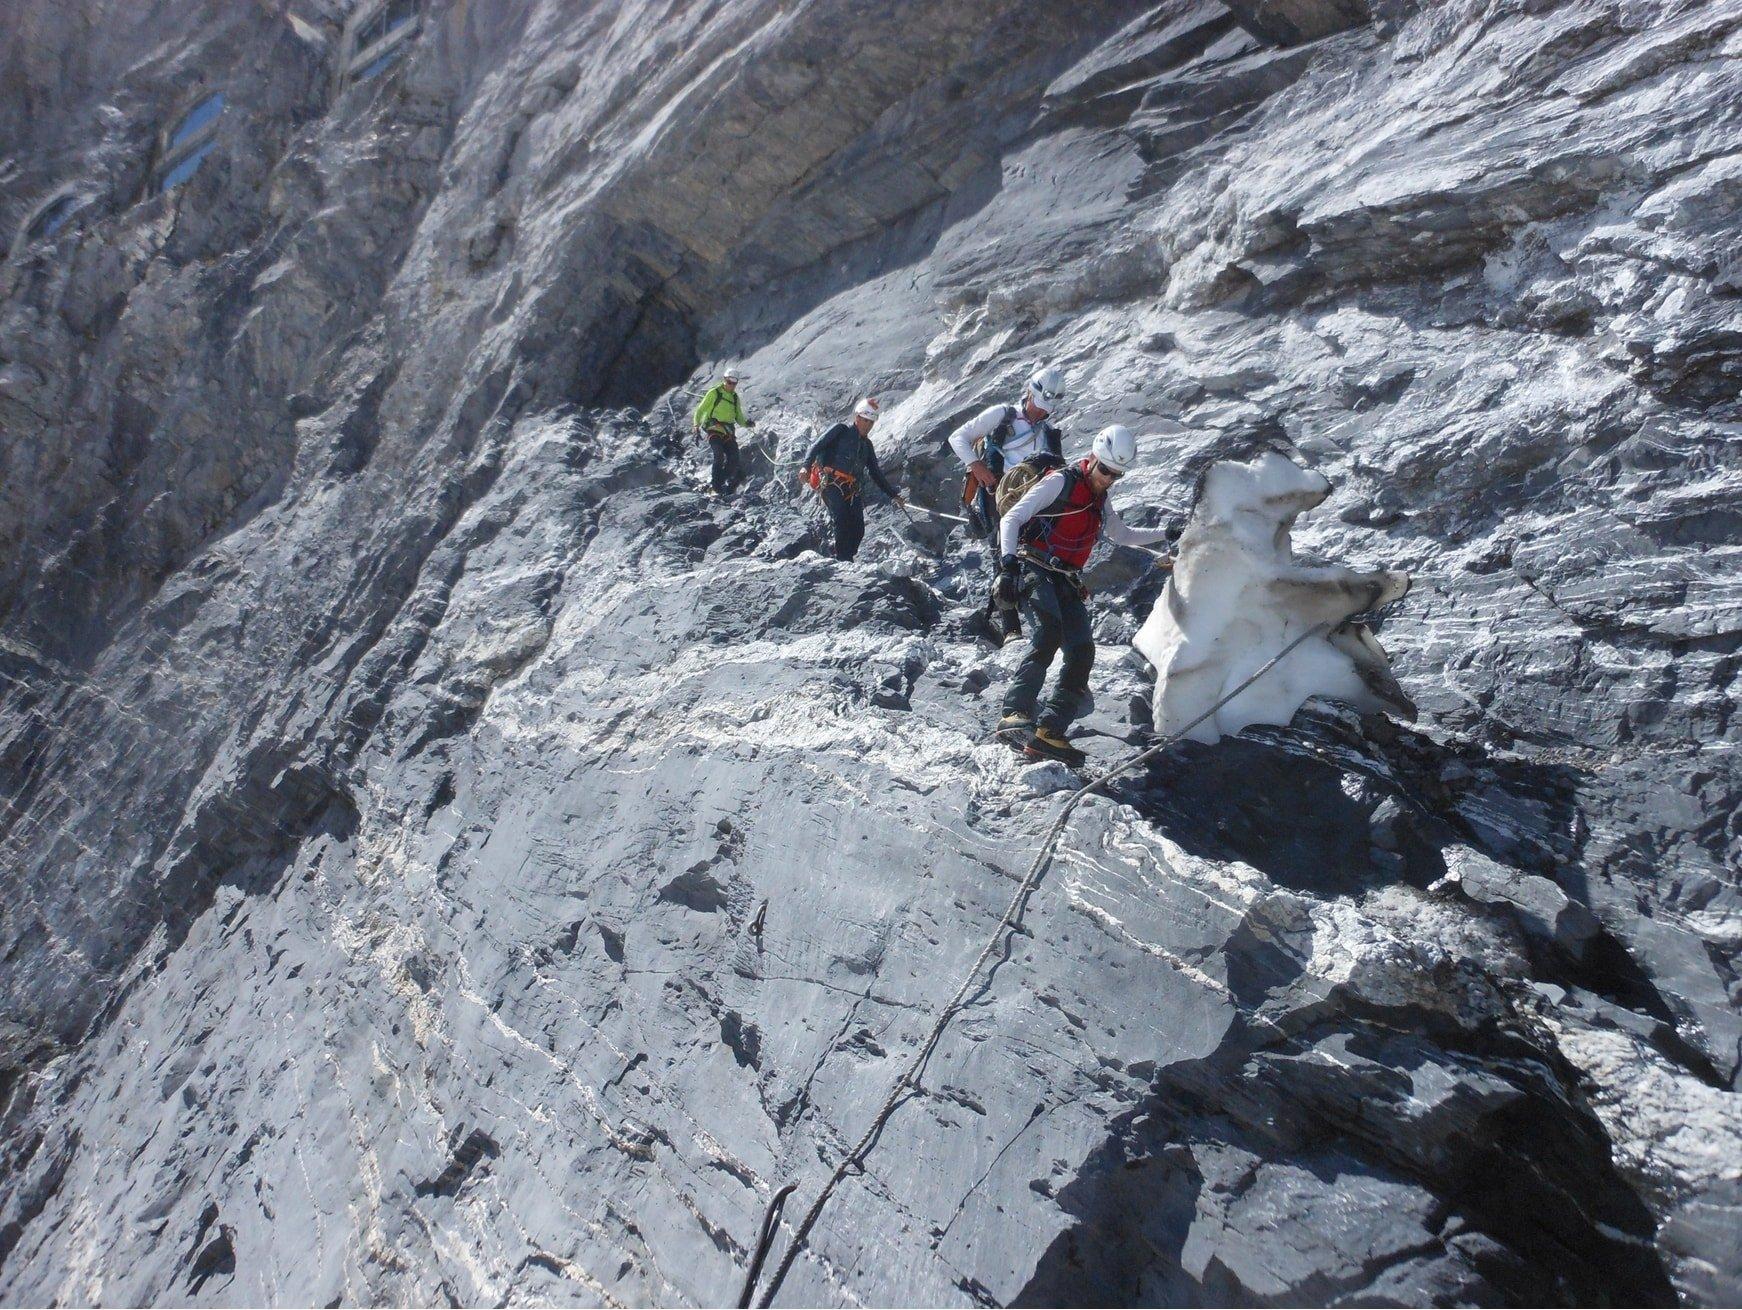 FOTO_10 Cengia di uscita dalla stazione Eismeer con corda fissa che (Ago 2018) deposita direttamente sul ghiacciaio della sud dell'Eiger